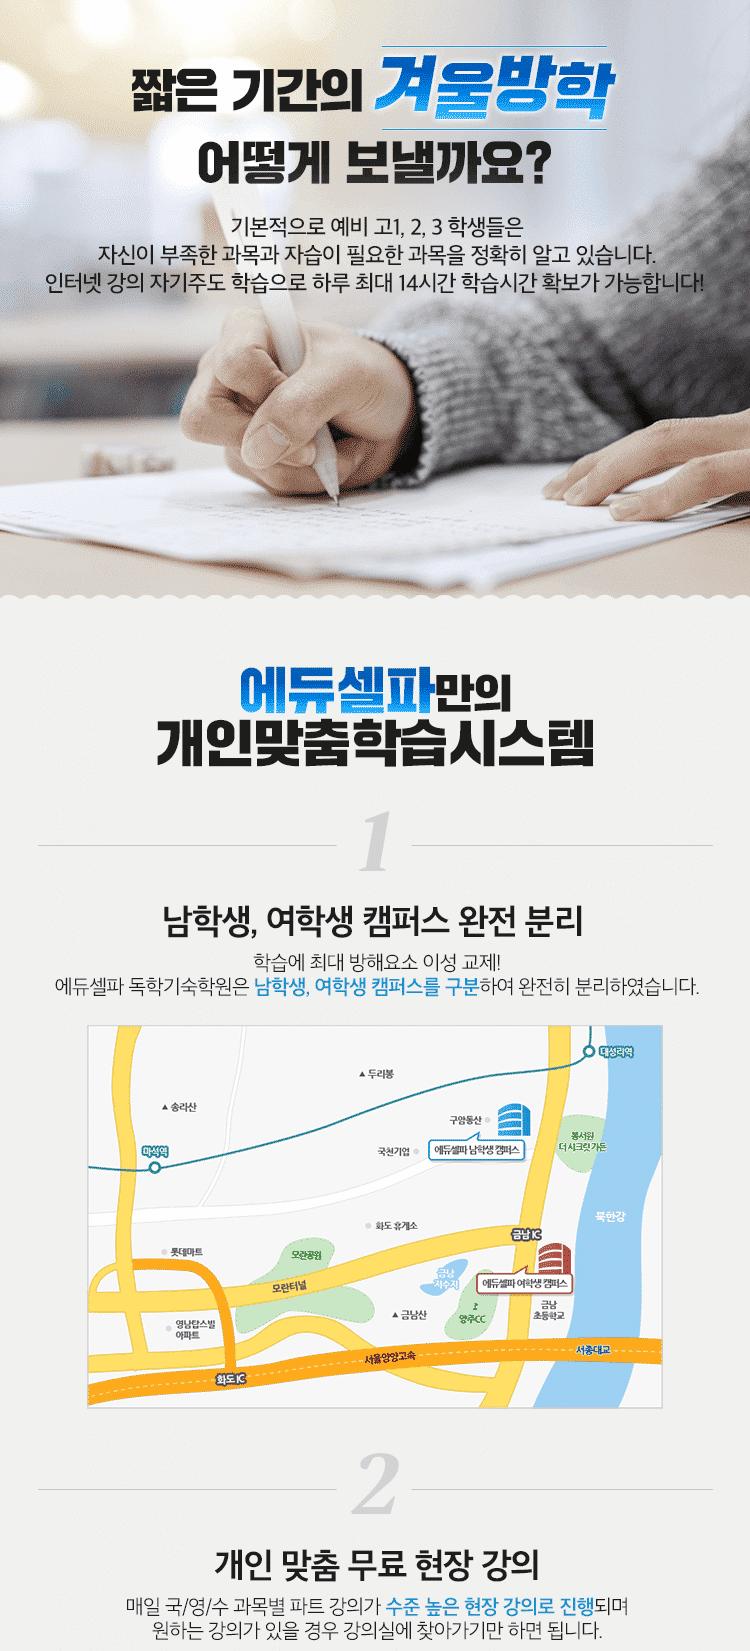 에듀셀파 여학생 독학기숙학원 윈터스쿨 소개 모바일1